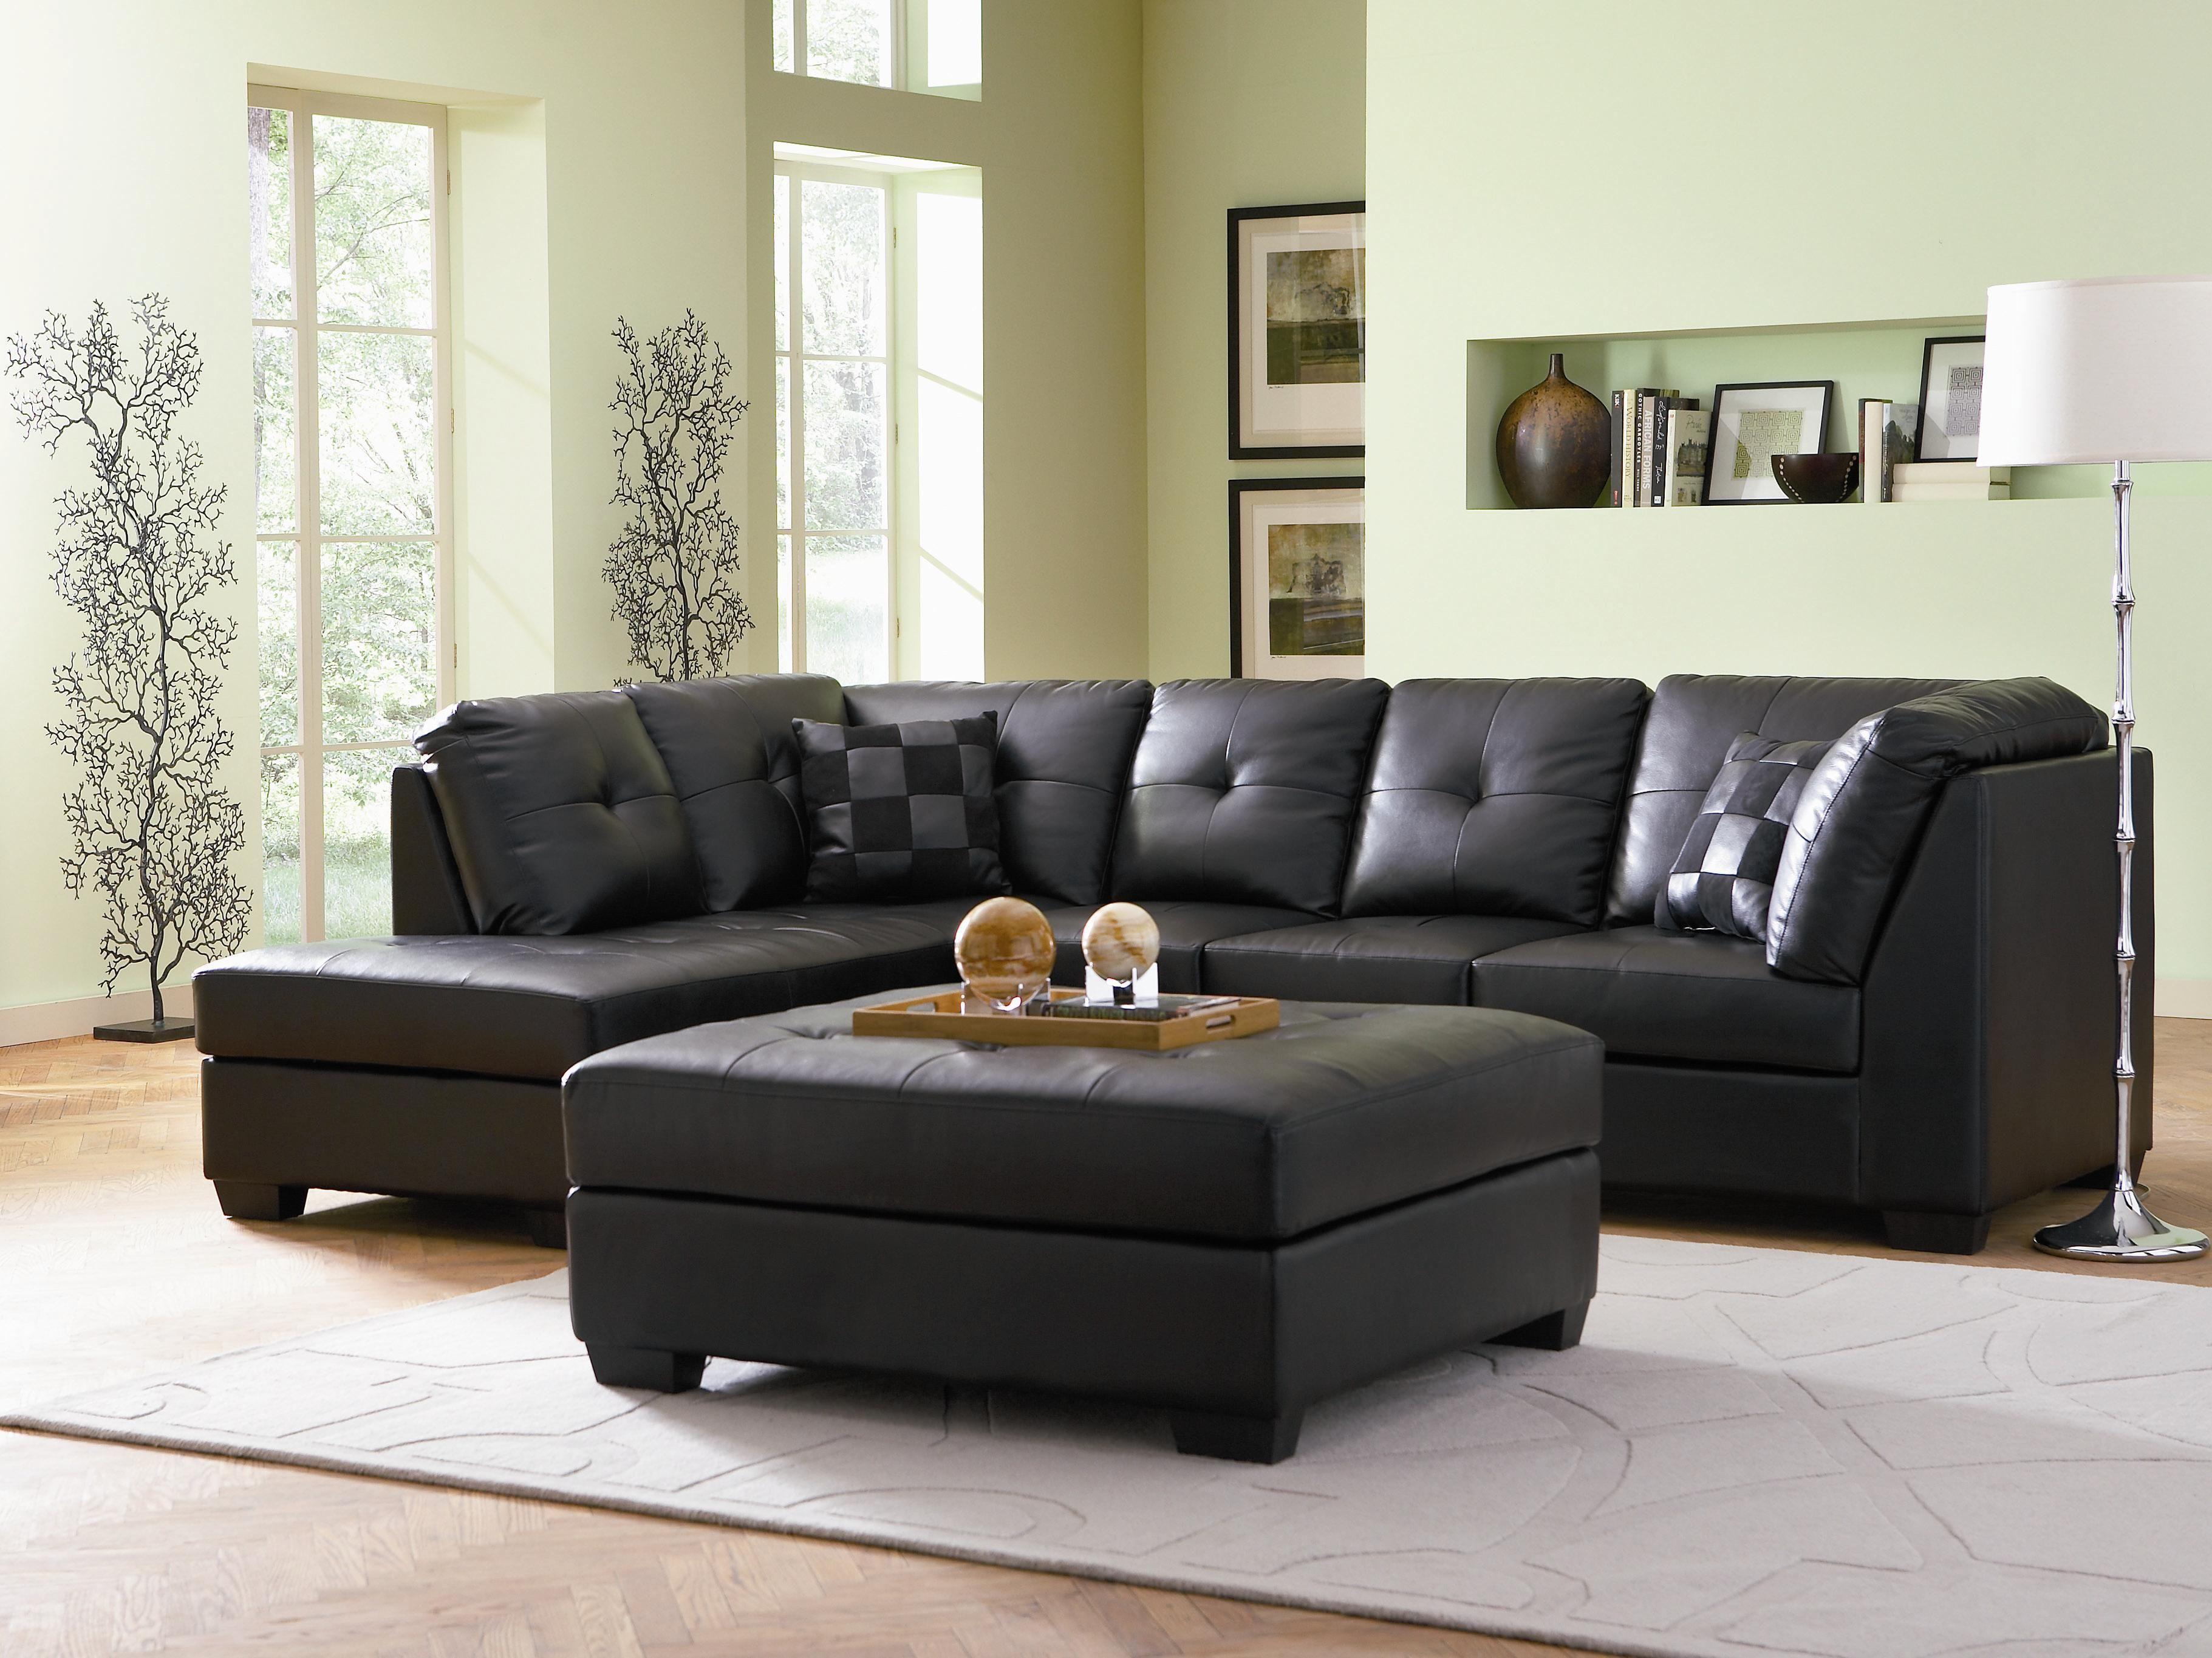 Leder Couchgarnitur Braun Leder Sectional Wrap Around Couch Weiss